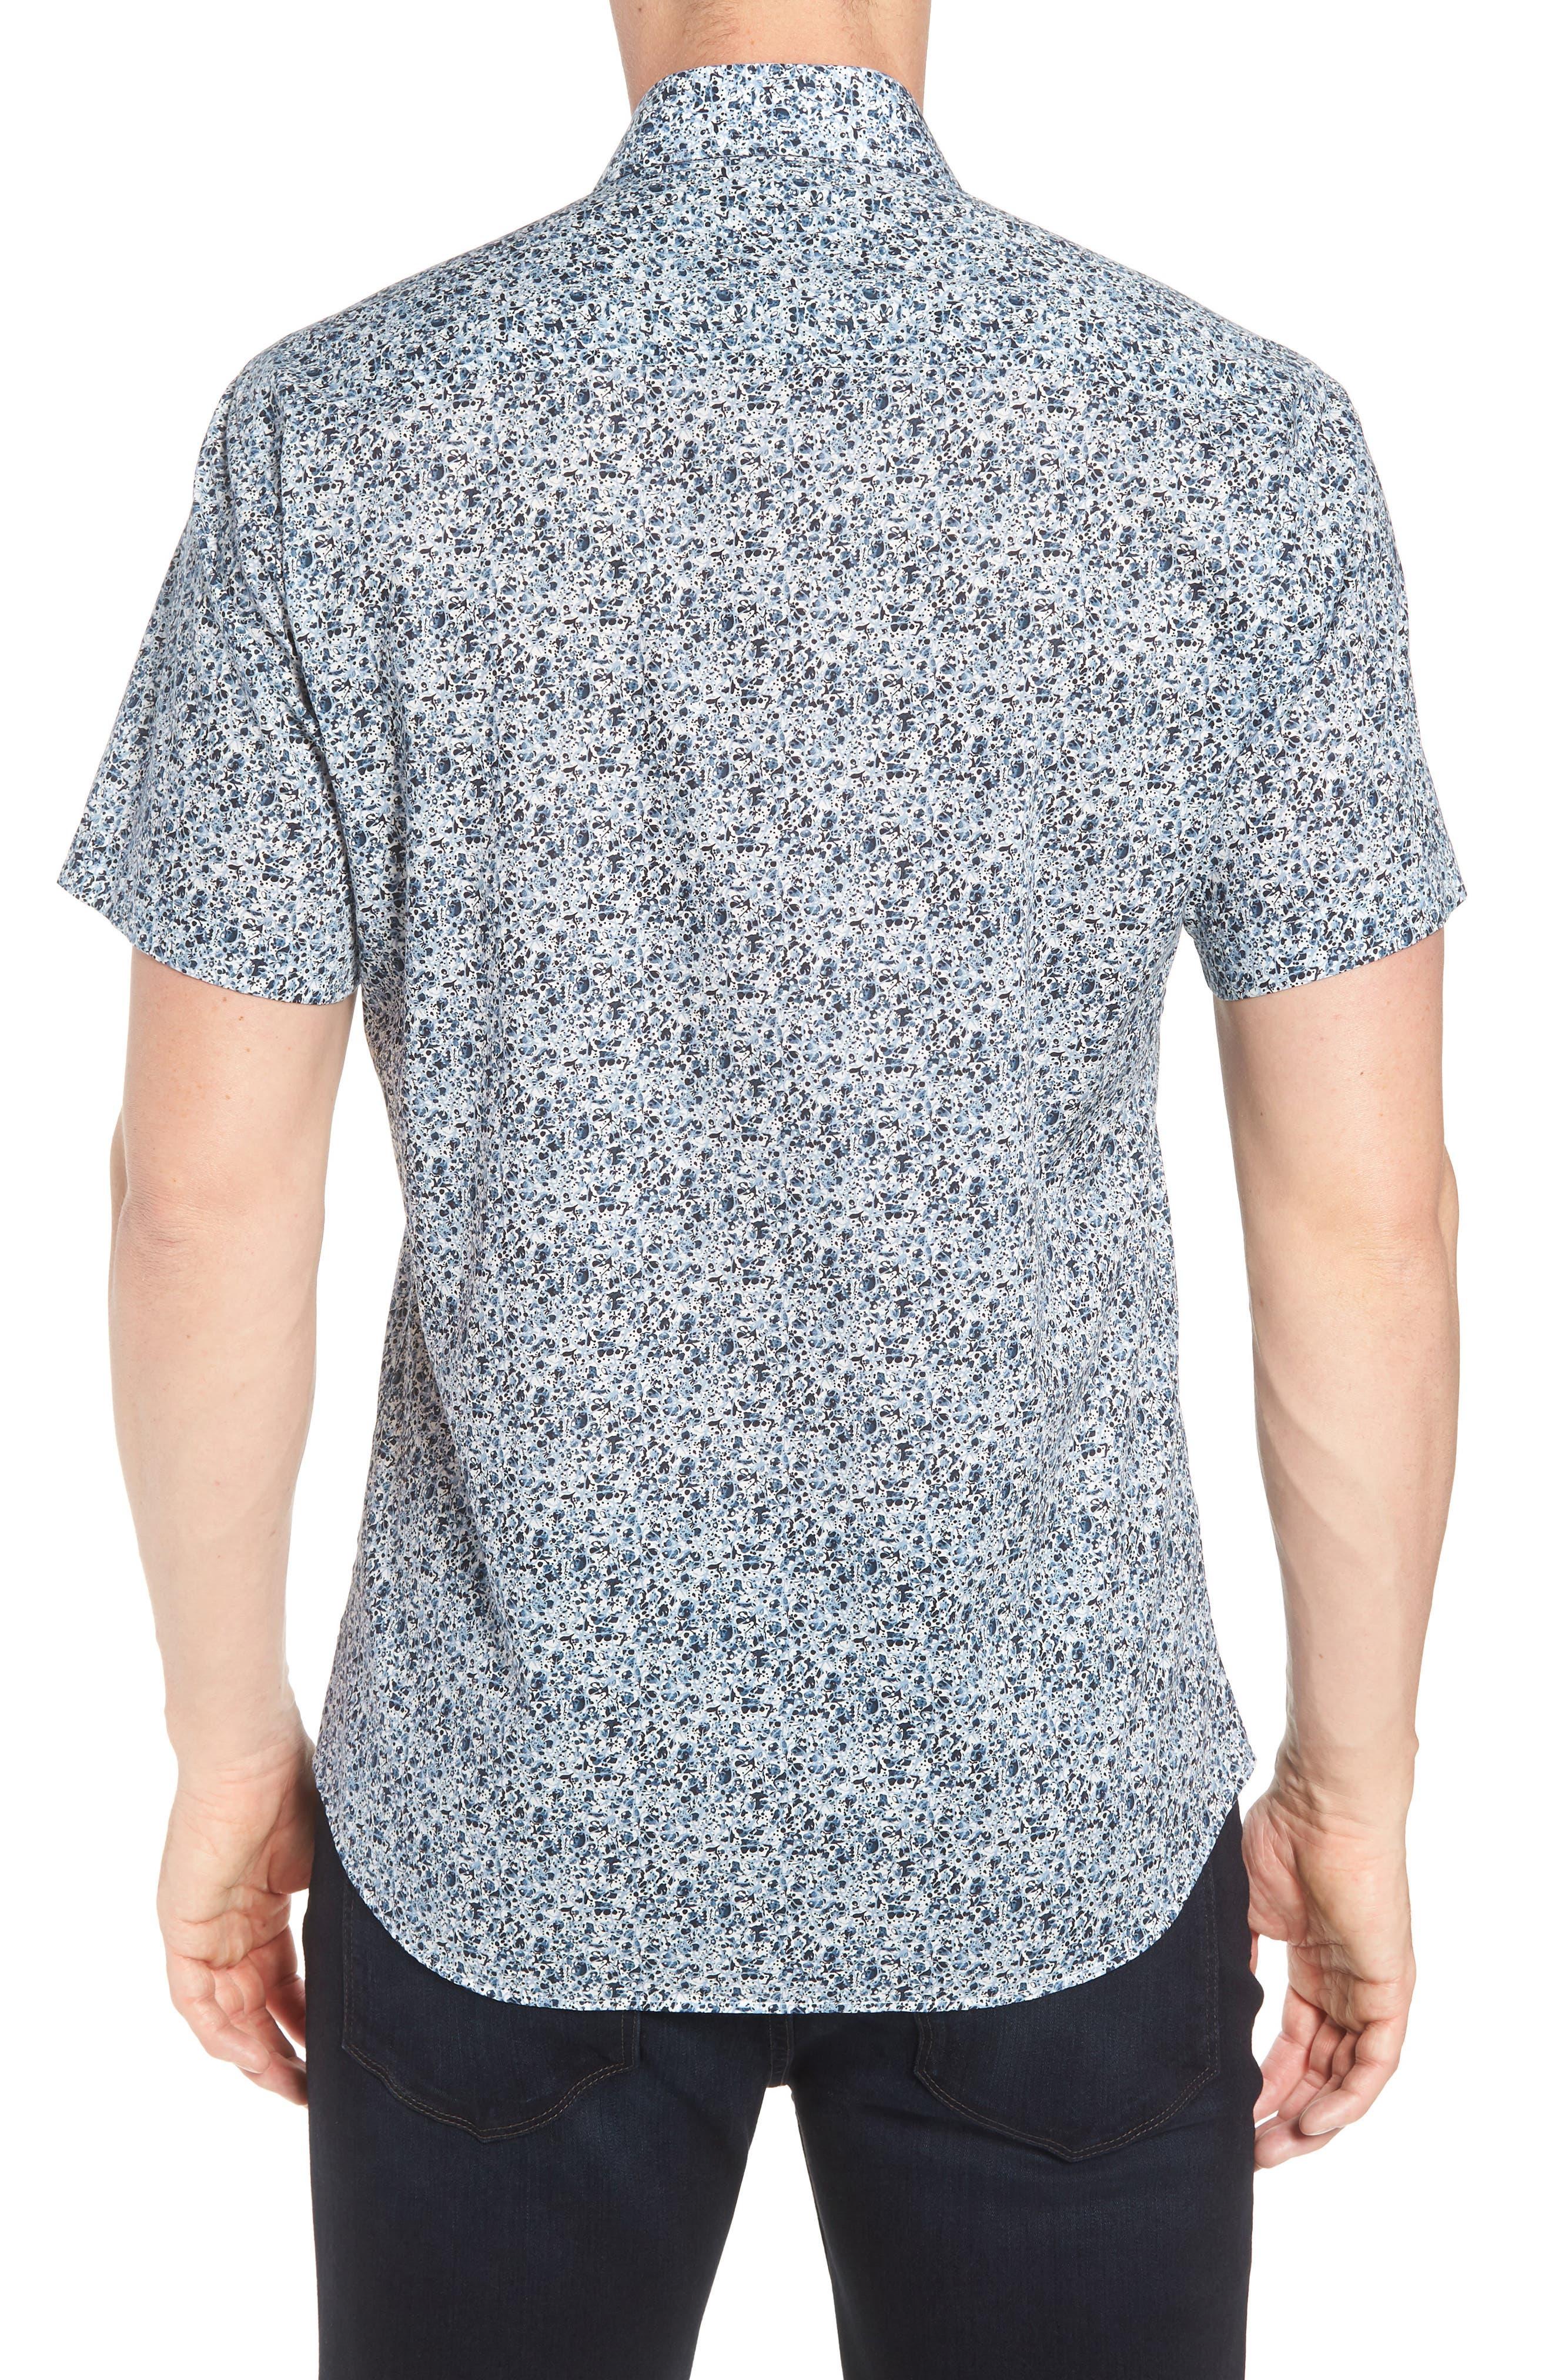 Speckle Print Sport Shirt,                             Alternate thumbnail 2, color,                             BLUE SPECKLE